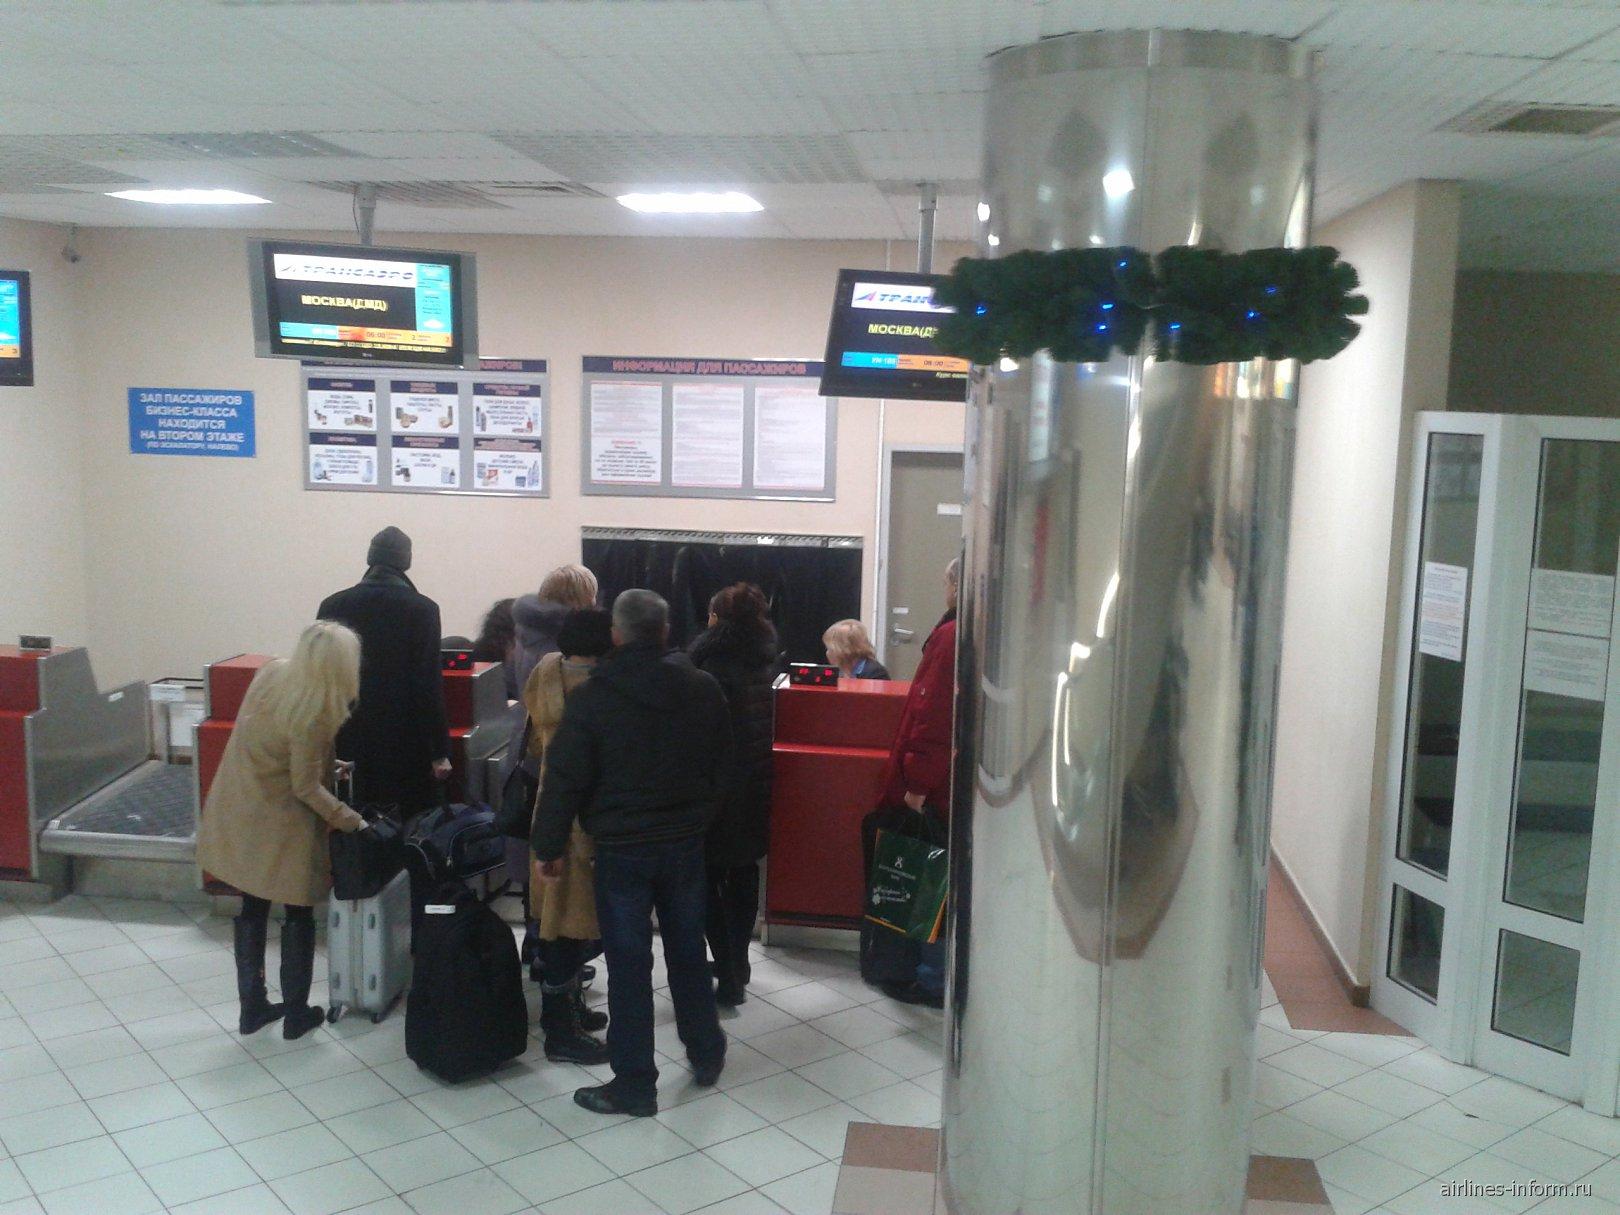 Стойки регистрации в аэропорту Ханты-Мансийска